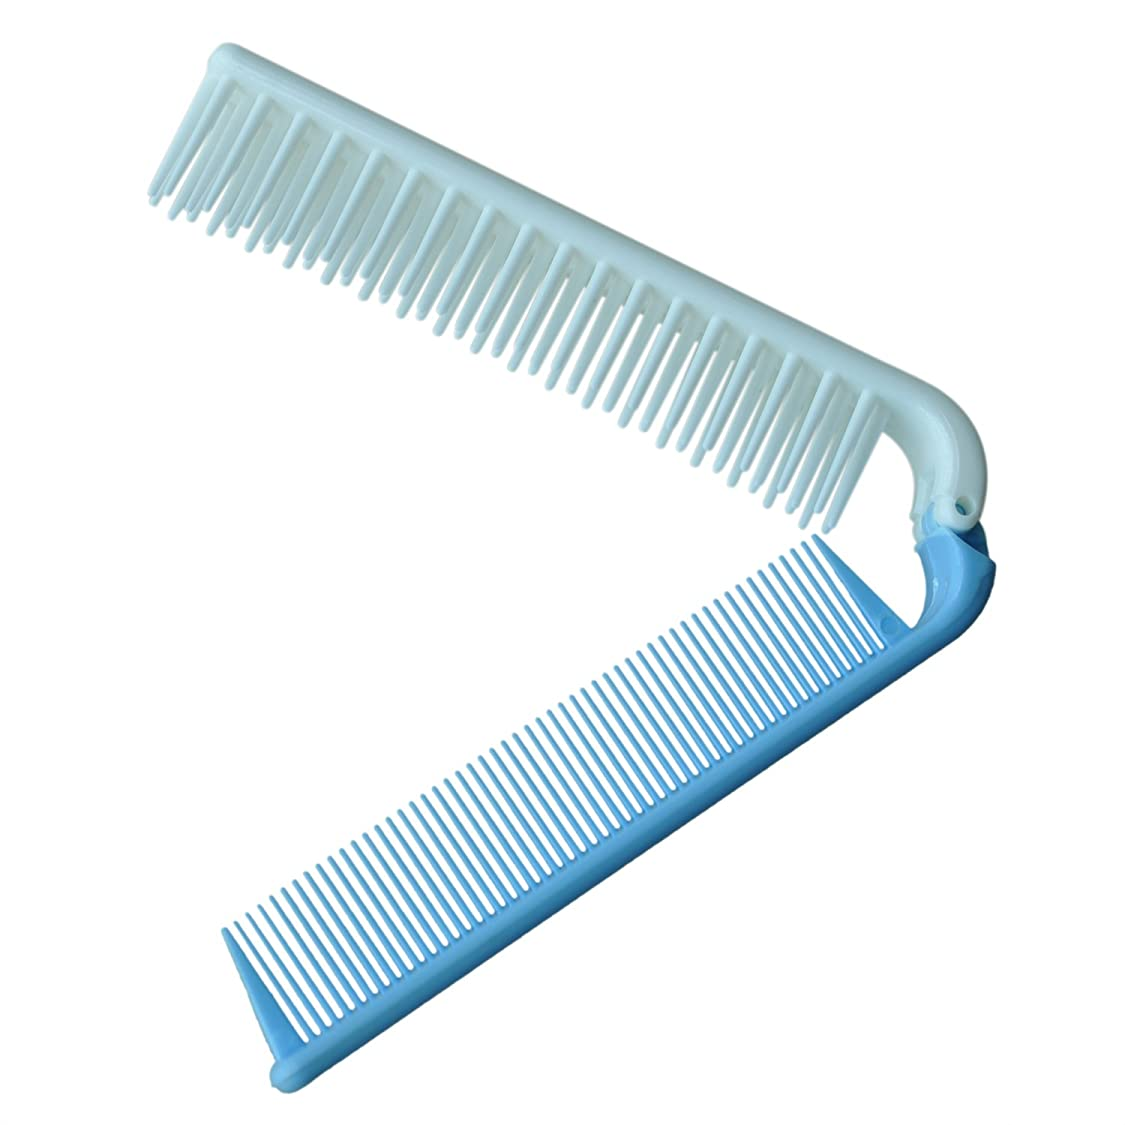 炭素特異なマウスCUHAWUDBA 旅行スカイブルー粗い歯の折りたたみデュアルヘアブラシ ポケットくし 7.4